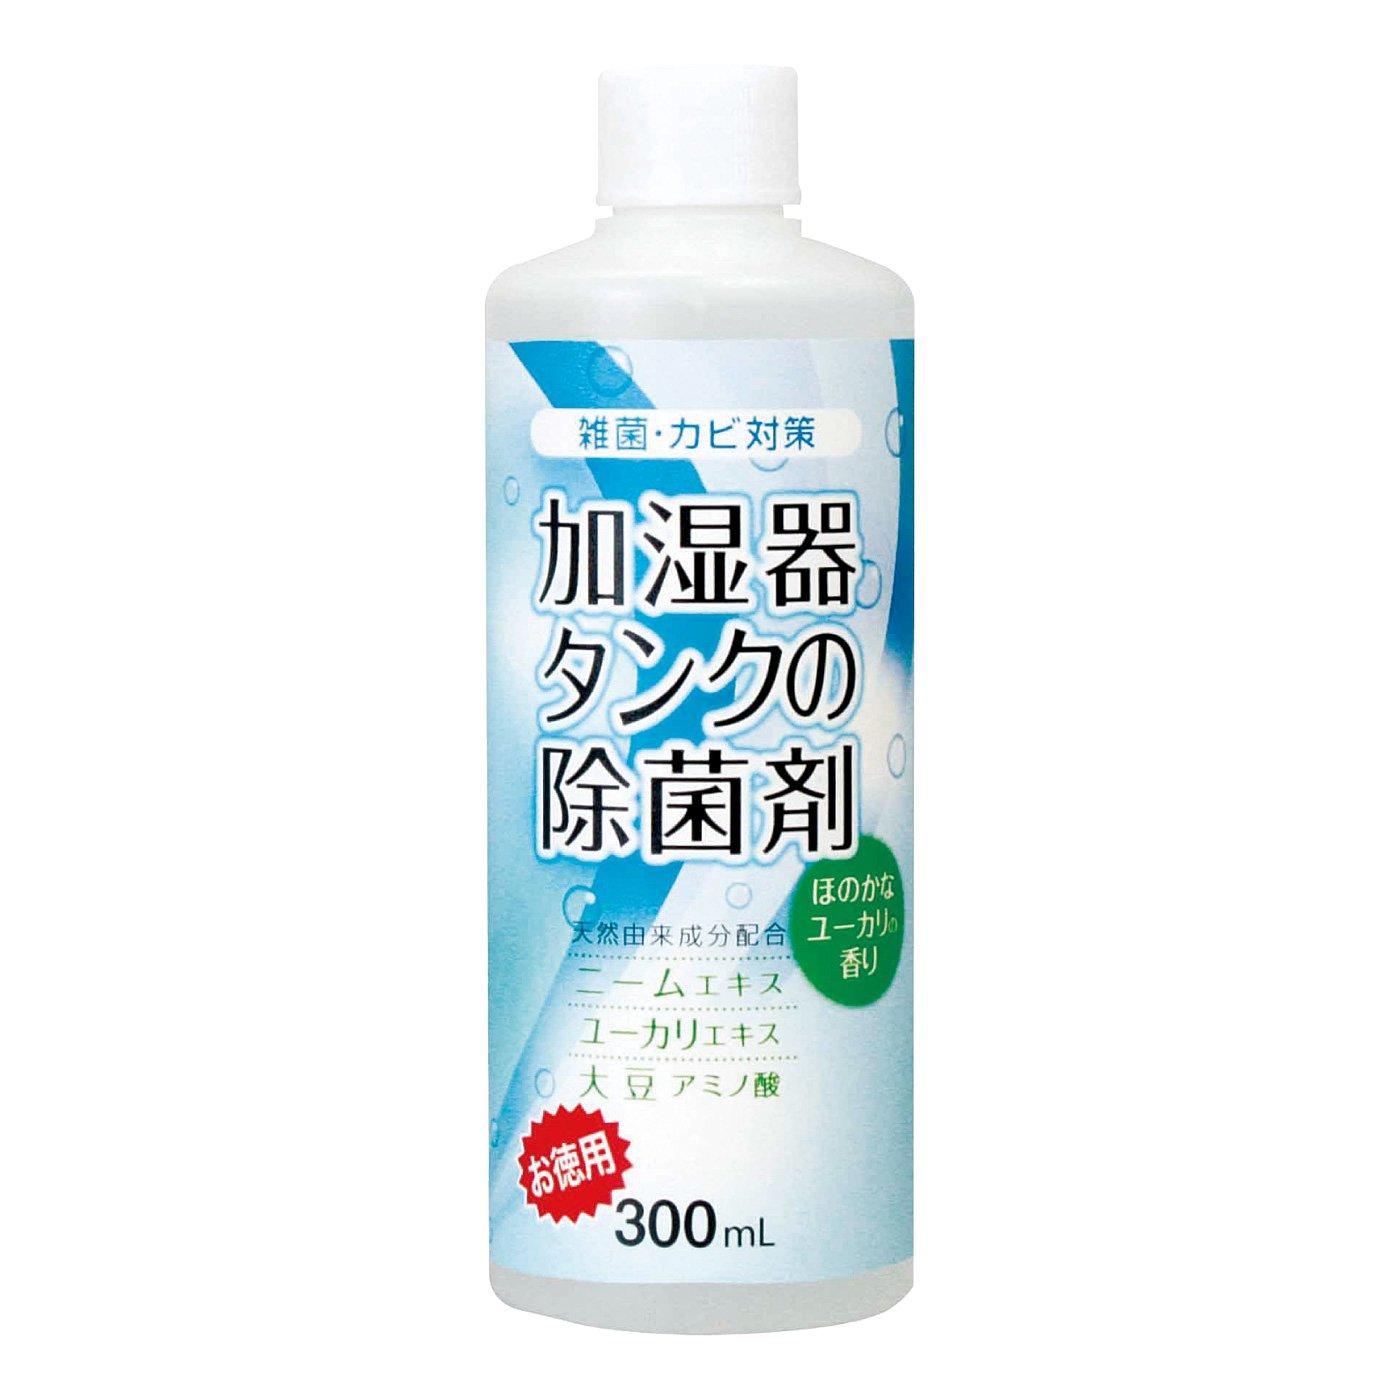 ほのかな香りでぬめりをおさえる タンクに入れるだけの加湿器除菌剤の会